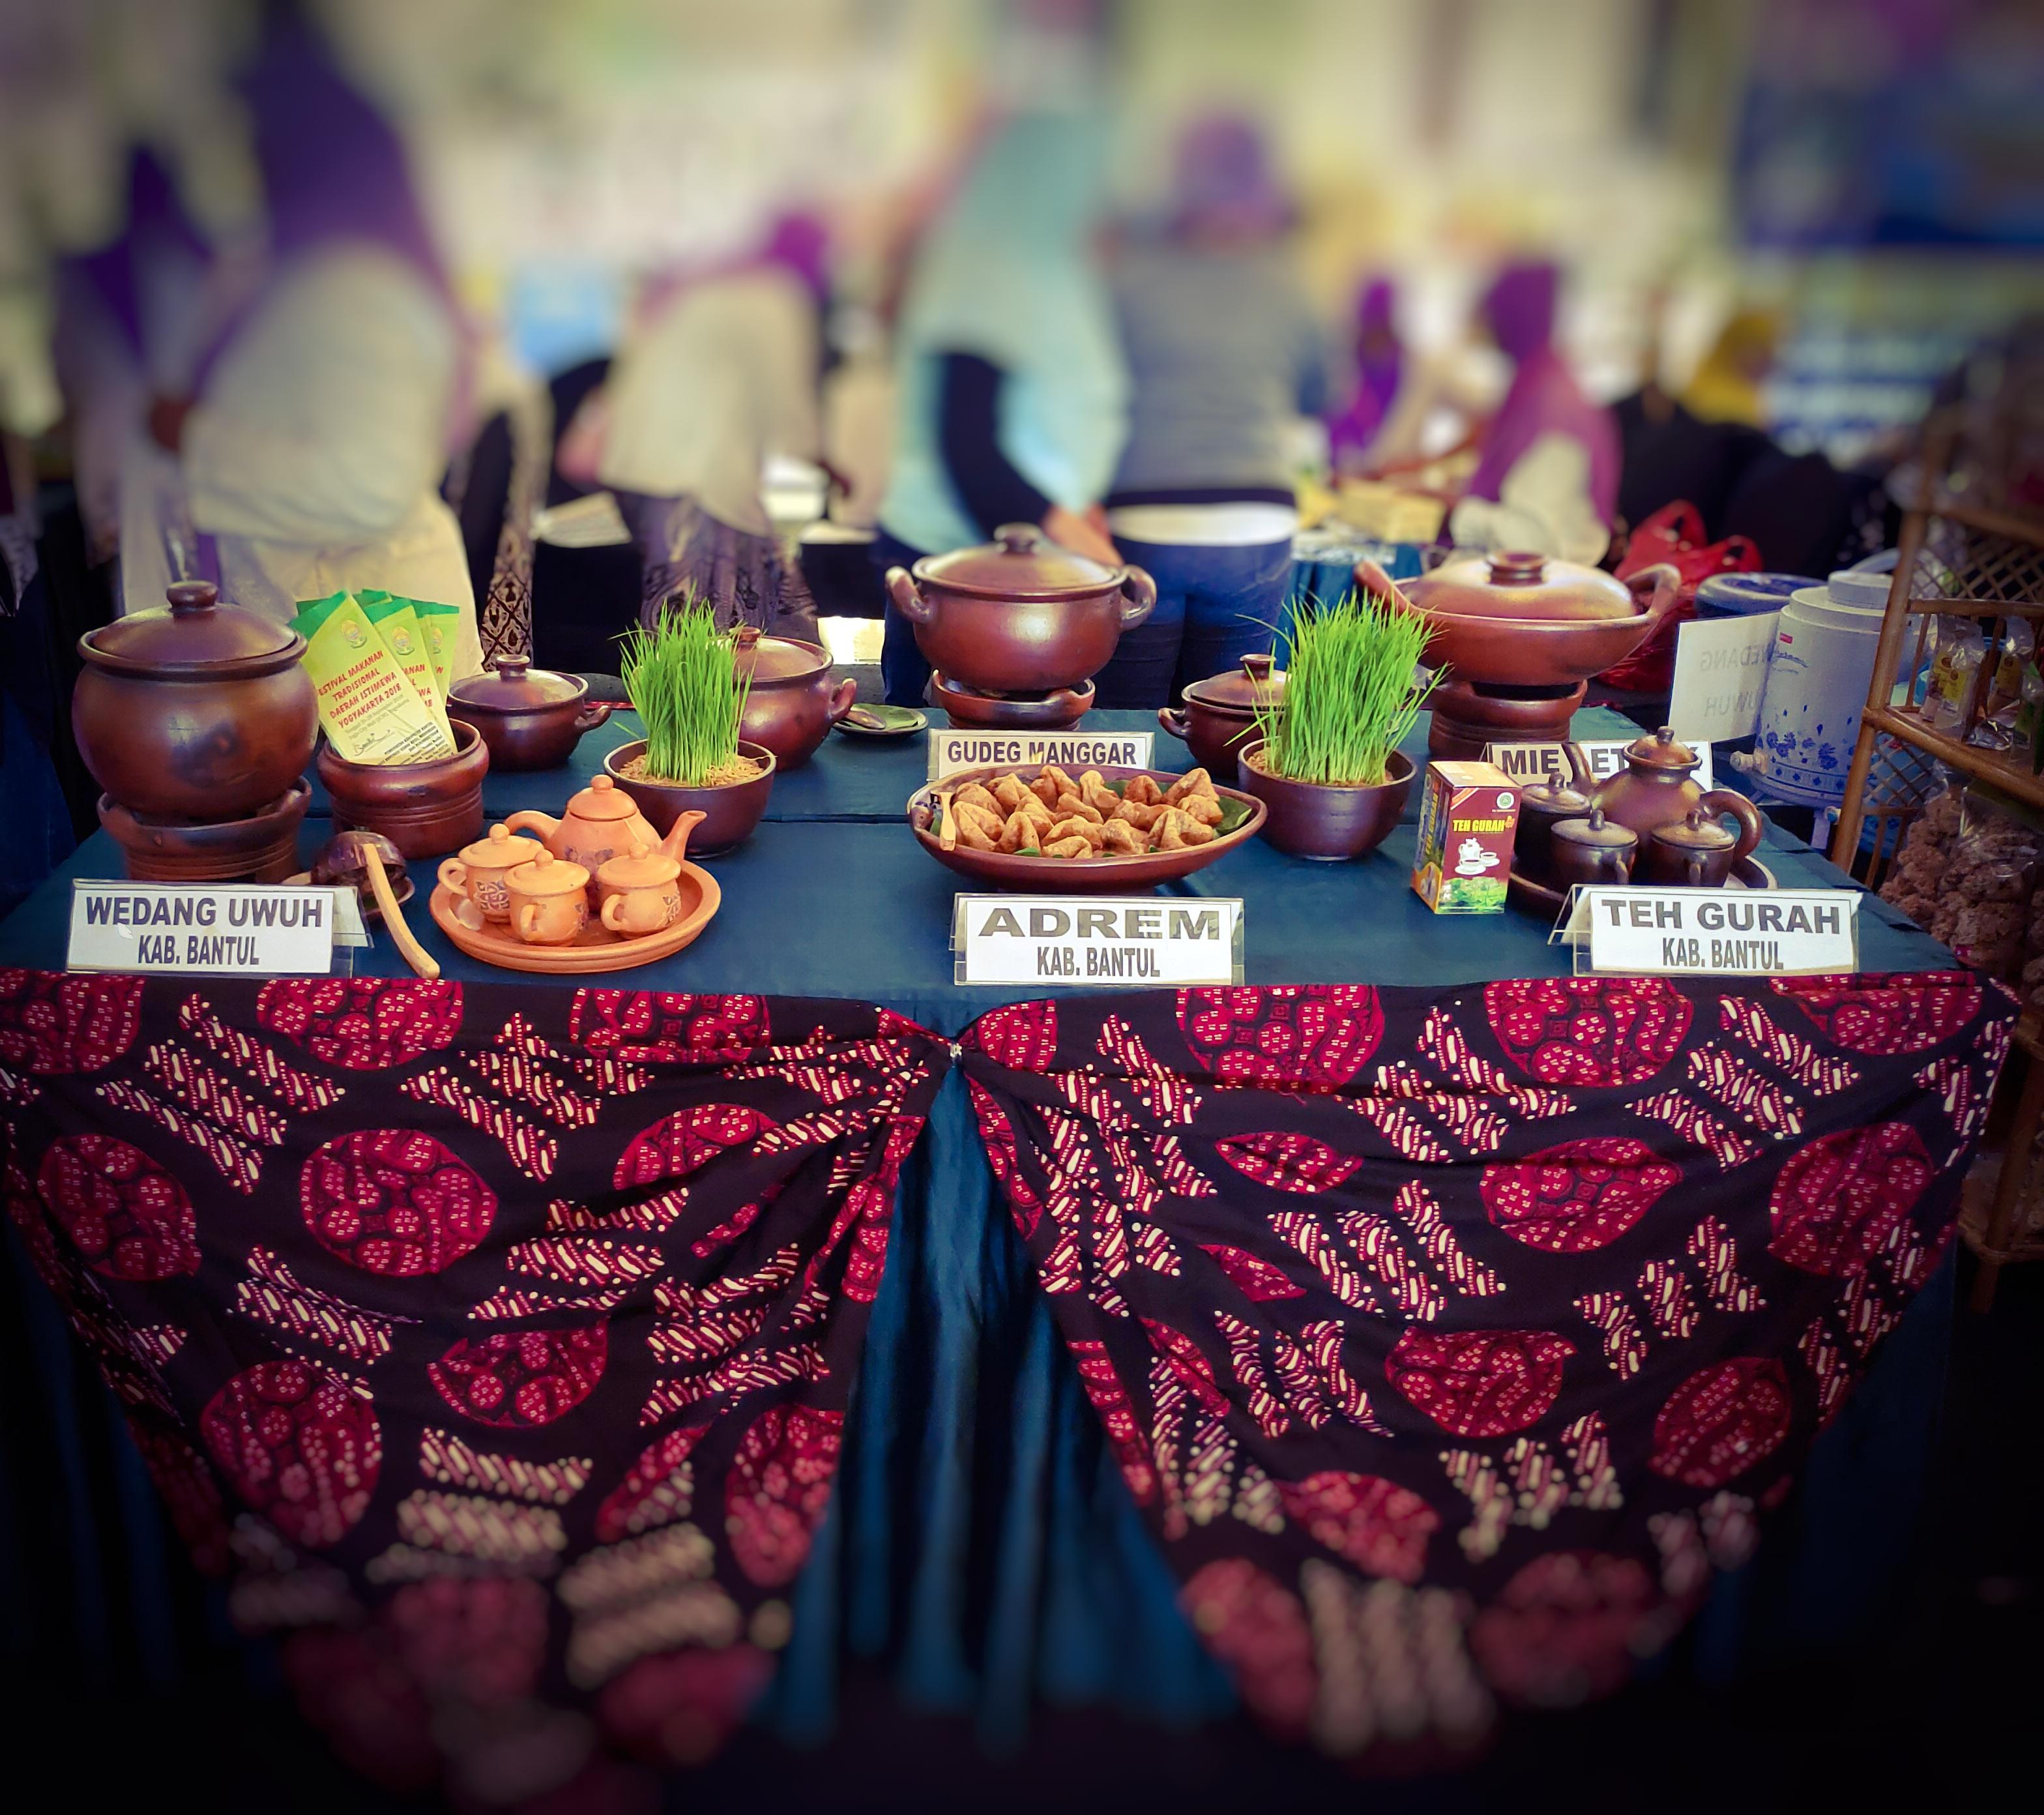 Mengenalkan Makanan Tradisional Dalam Bingkai Kekinian Balai